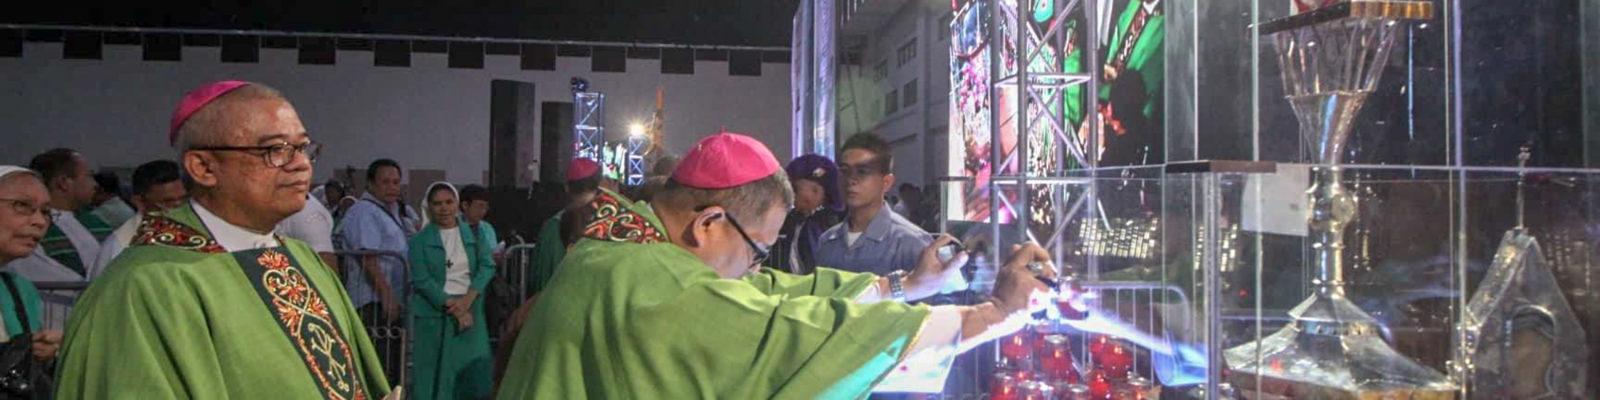 PadrePio-Cebu-CBCPNews-101218-02